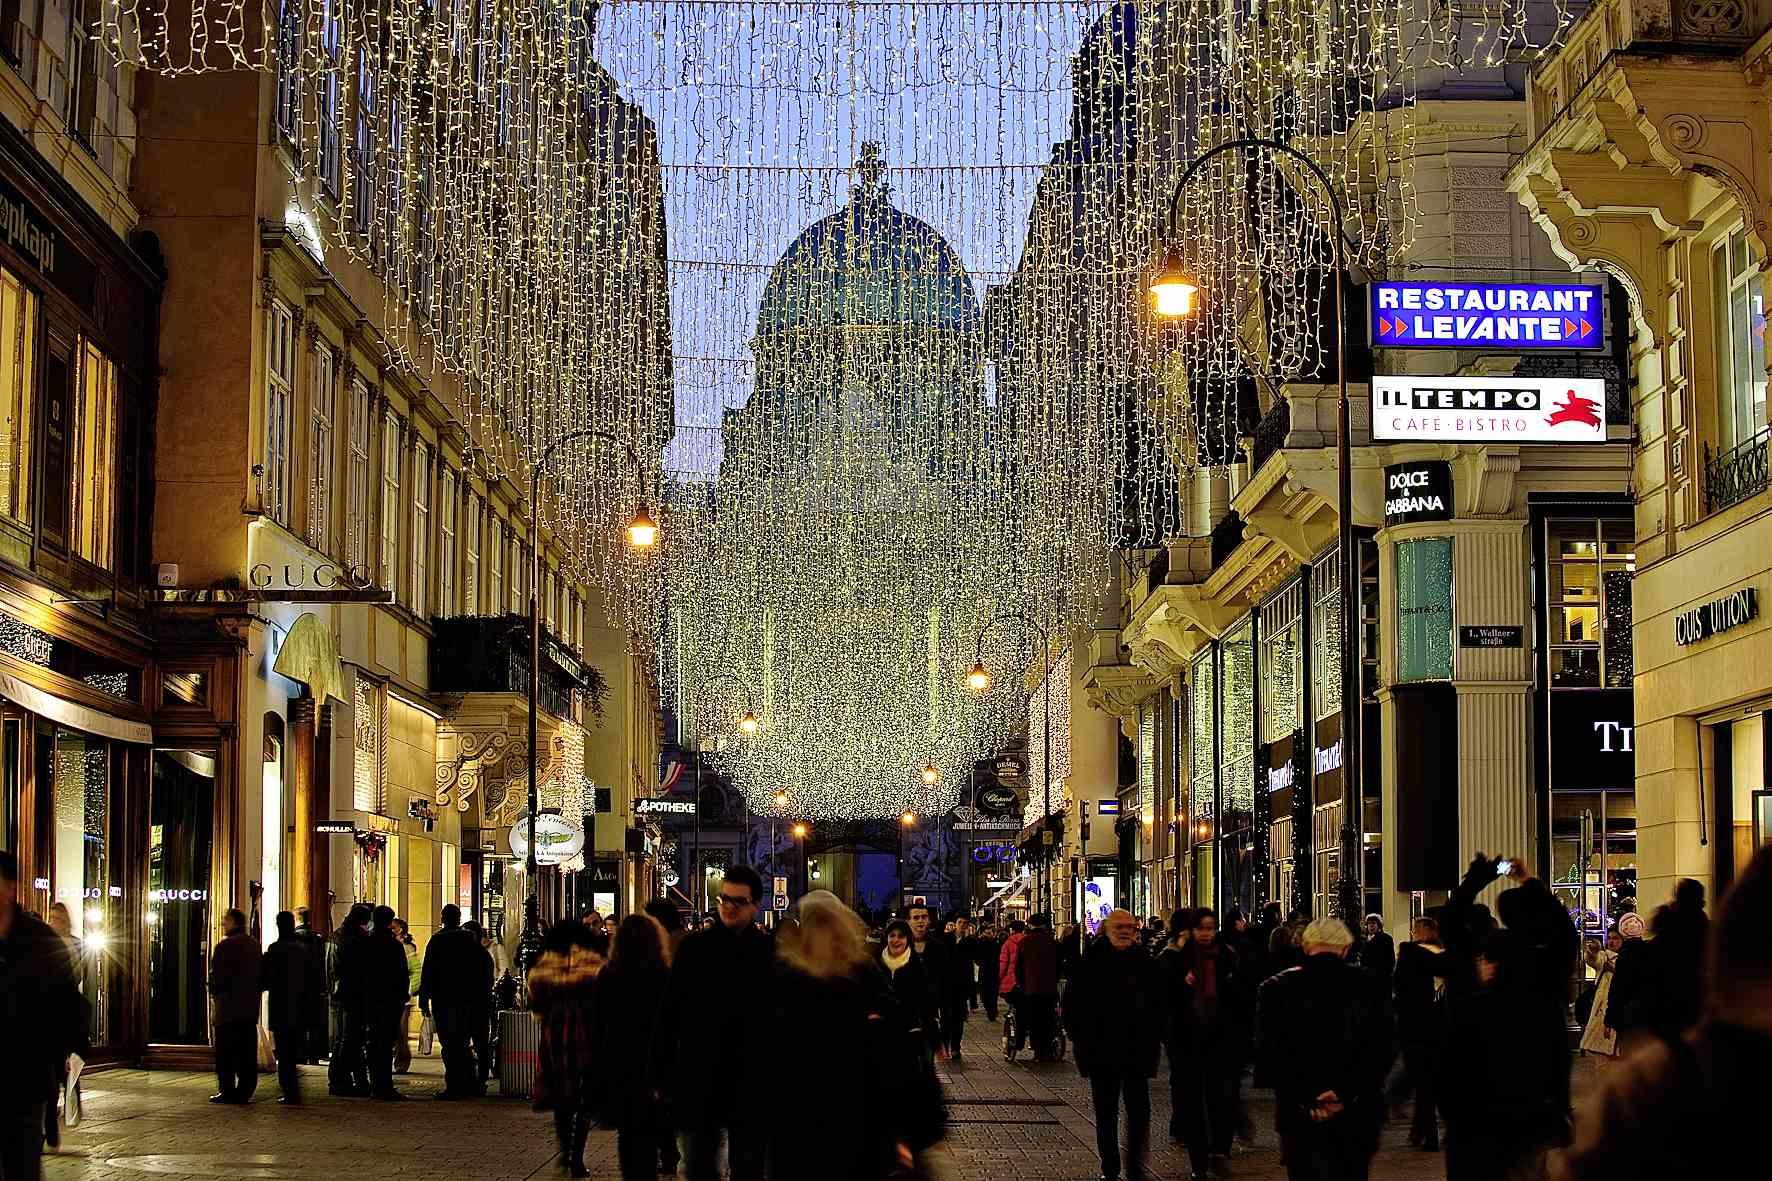 Bečki Advent: Od luksuznog shoppinga ispod 2,2 milijuna žaruljica do kupovine na božićnom buvljaku